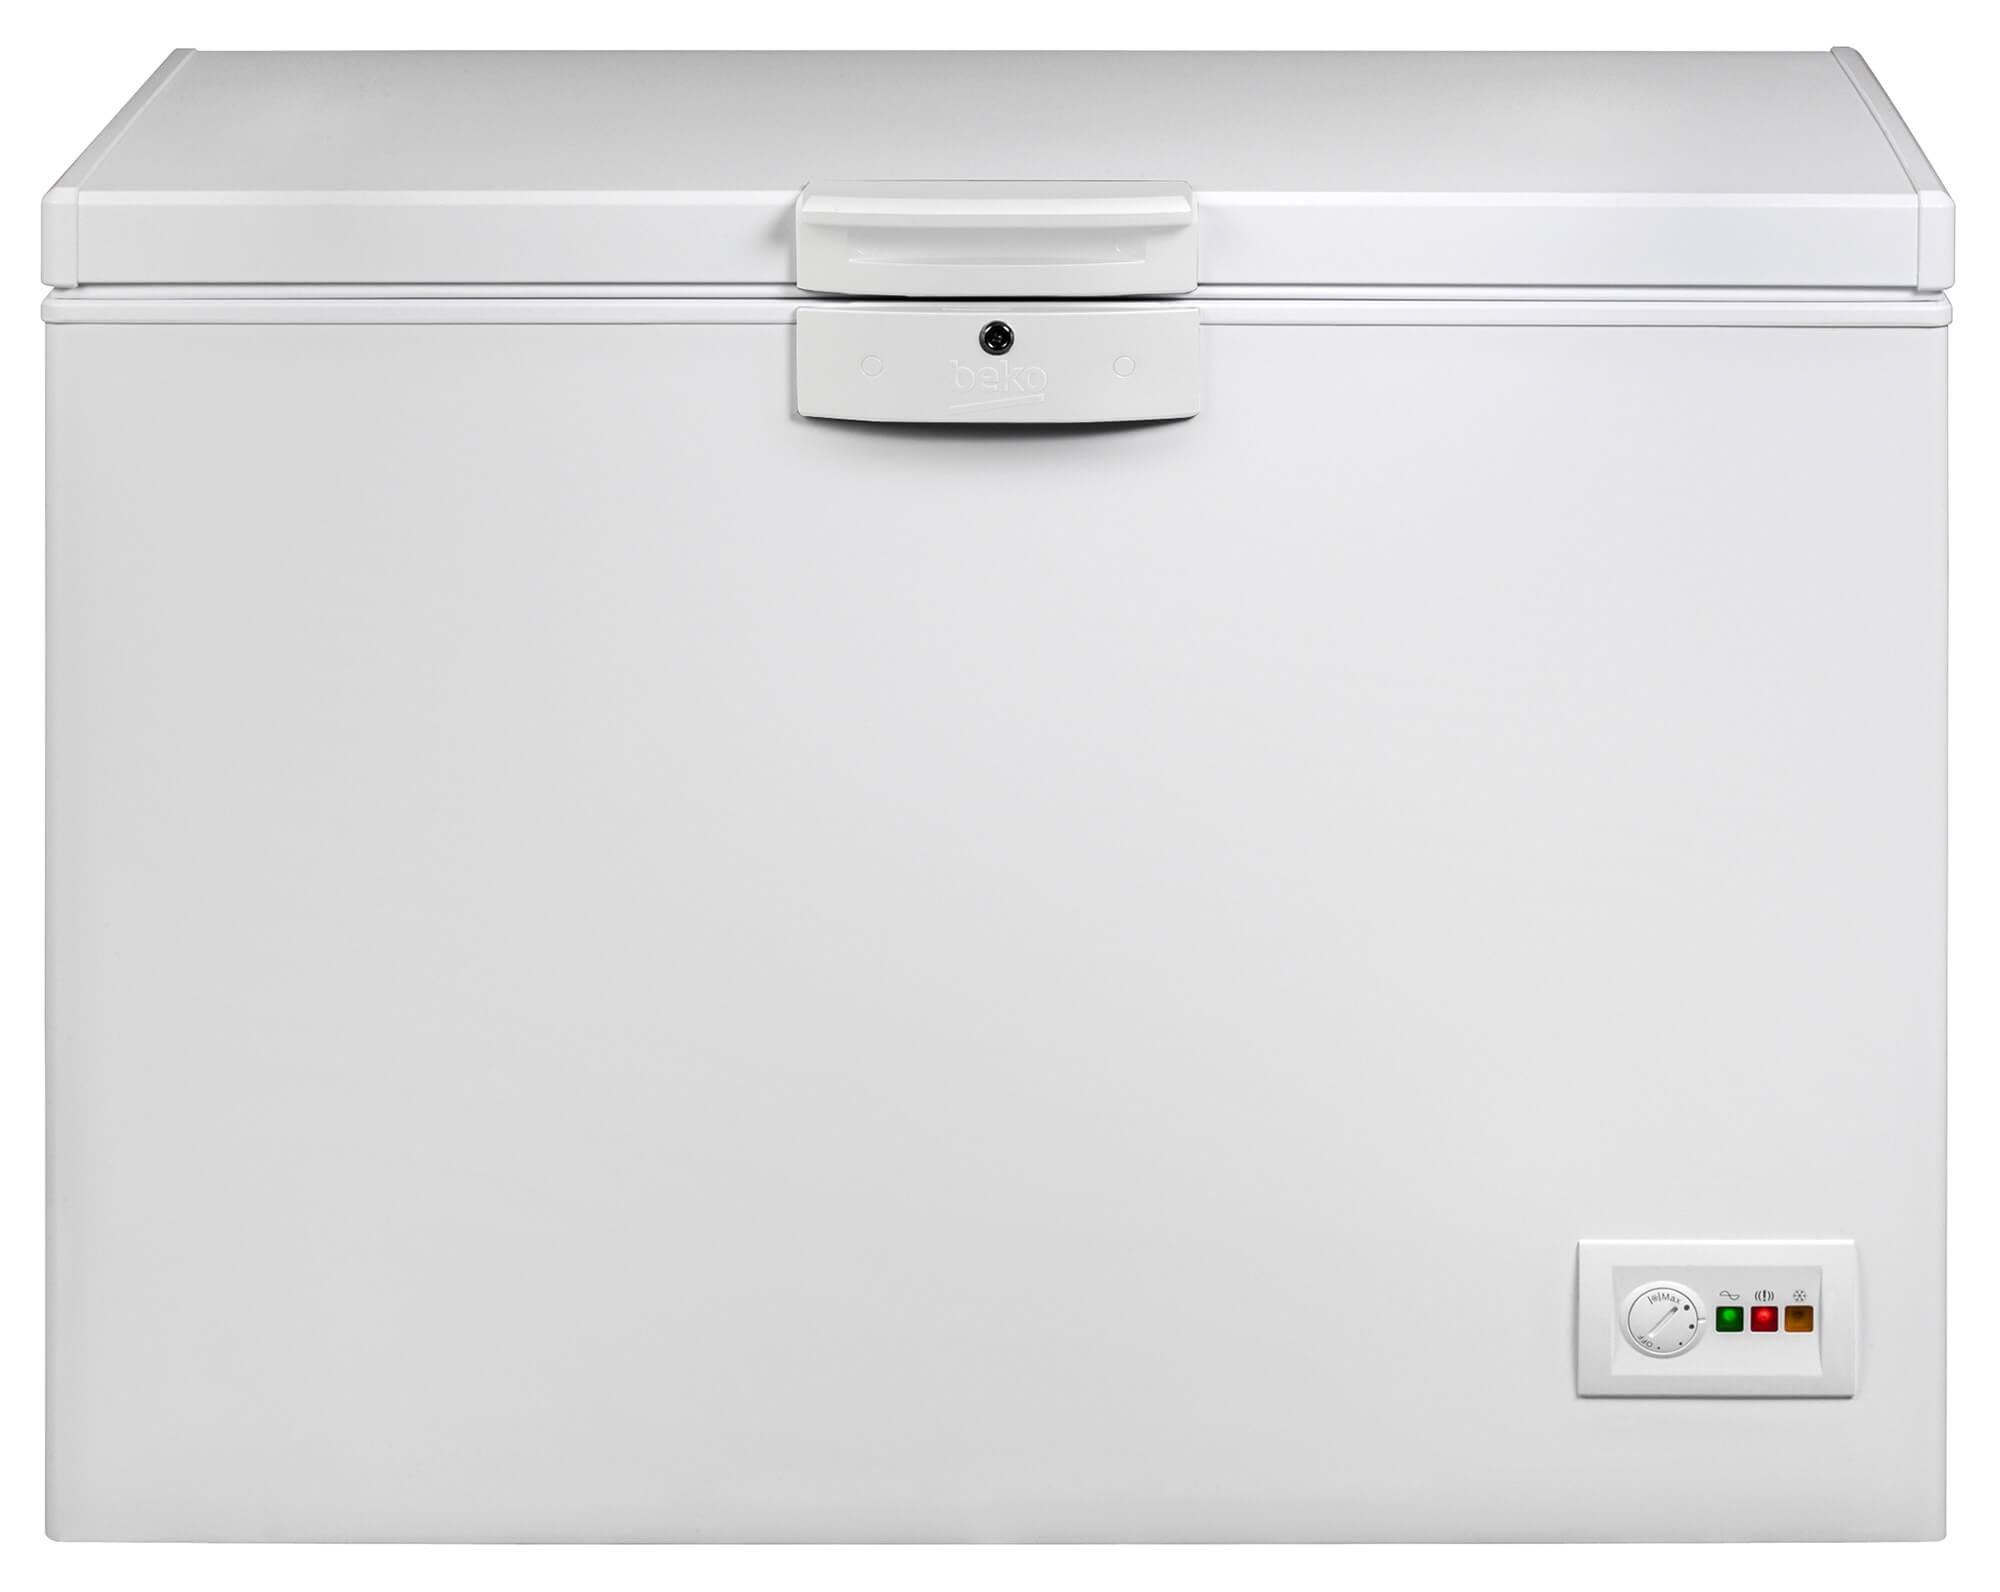 Lada frigorifica Beko HS22453